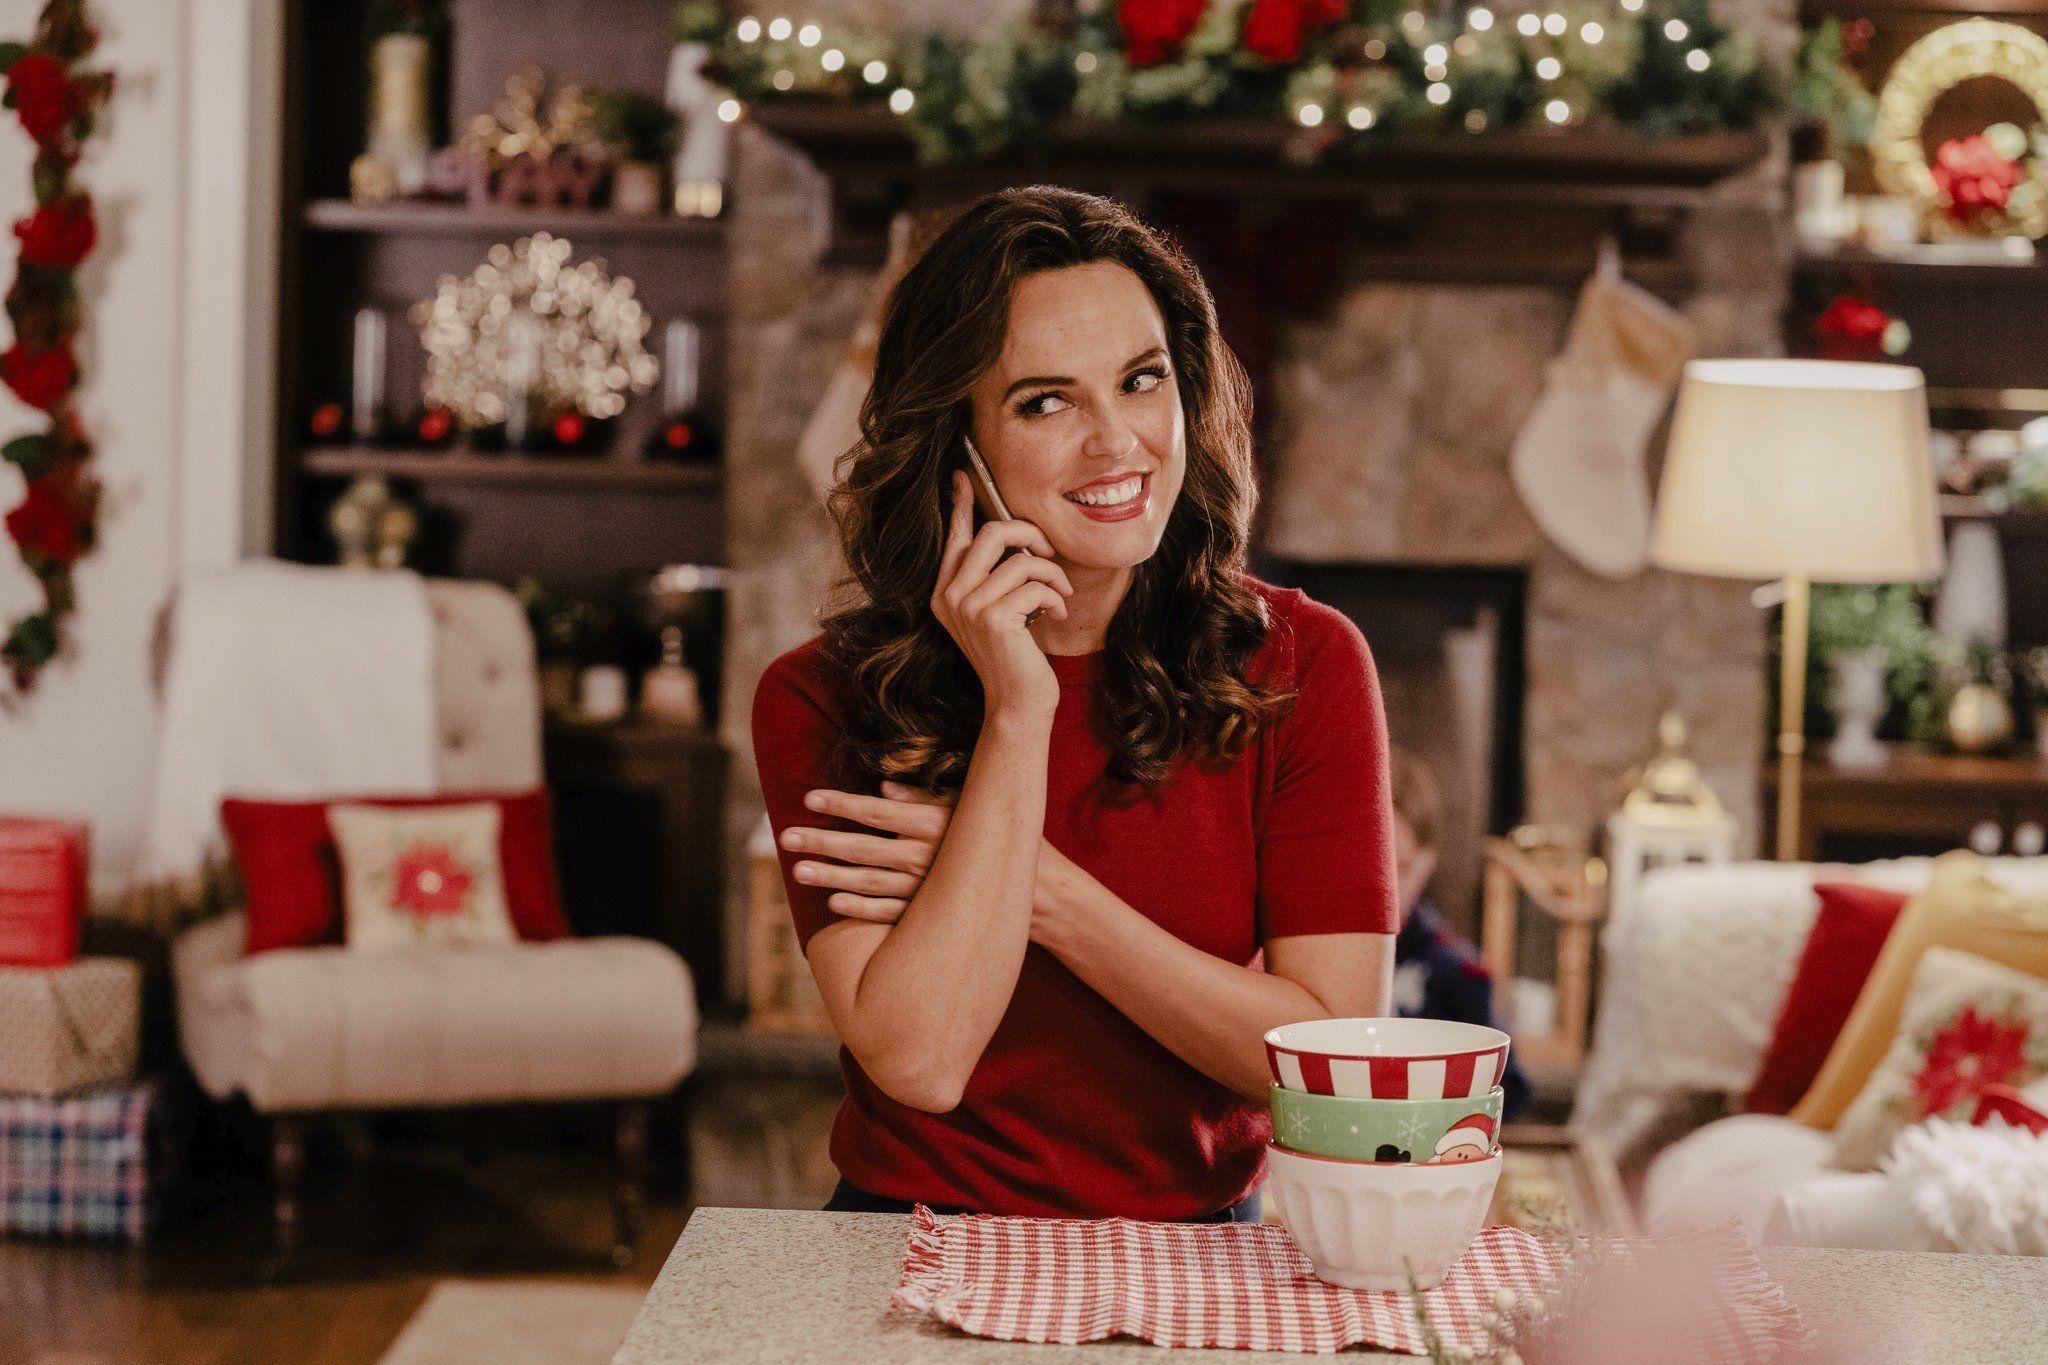 Random Acts Of Christmas 2019 Lifetime Movies Movie Stars Christmas Movies